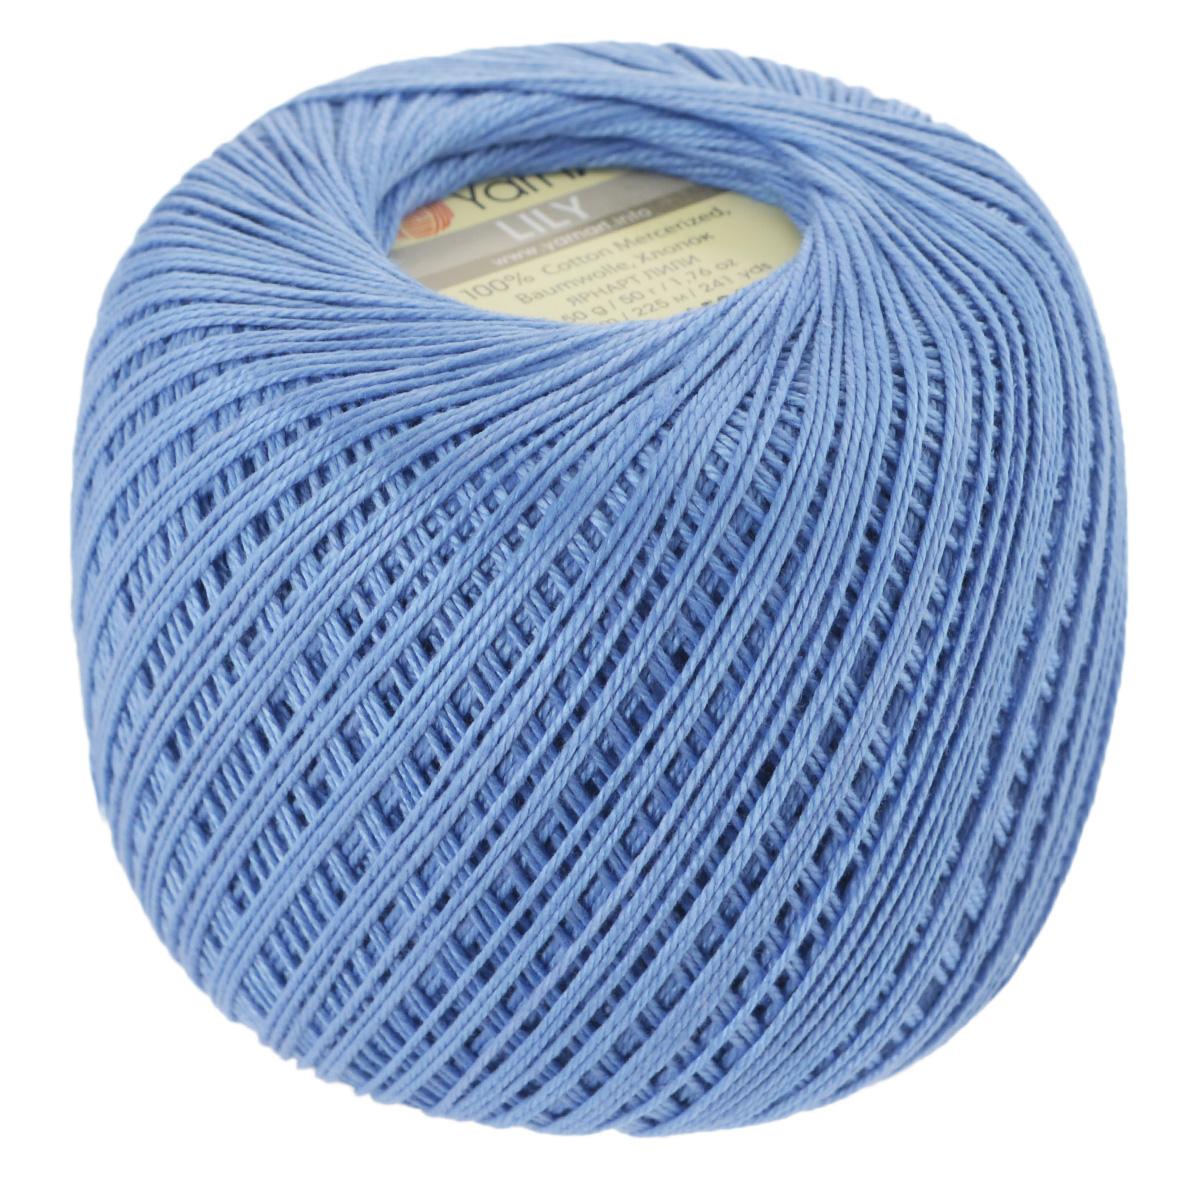 Пряжа для вязания YarnArt Lily, цвет: ярко-голубой (0582), 225 м, 50 г, 8 шт372073_0582Пряжа YarnArt Lily - тонкая, гладкая и упругая пряжа из 100% мерсеризованного хлопка для вязания крючком и спицами. Нить хорошо скручена и не расслаивается. Это классическая пряжа, которая пользуется большой популярностью. Отлично подходит для вязания ажурных изделий. Замечательный вариант для вязания в технике ирландского кружева. Рекомендуется для вязания крючком 1,75-2 мм и на спицах 2,5 мм. Комплектация: 8 мотков. Толщина нити: 1 мм. Состав: 100% мерсеризованный хлопок.